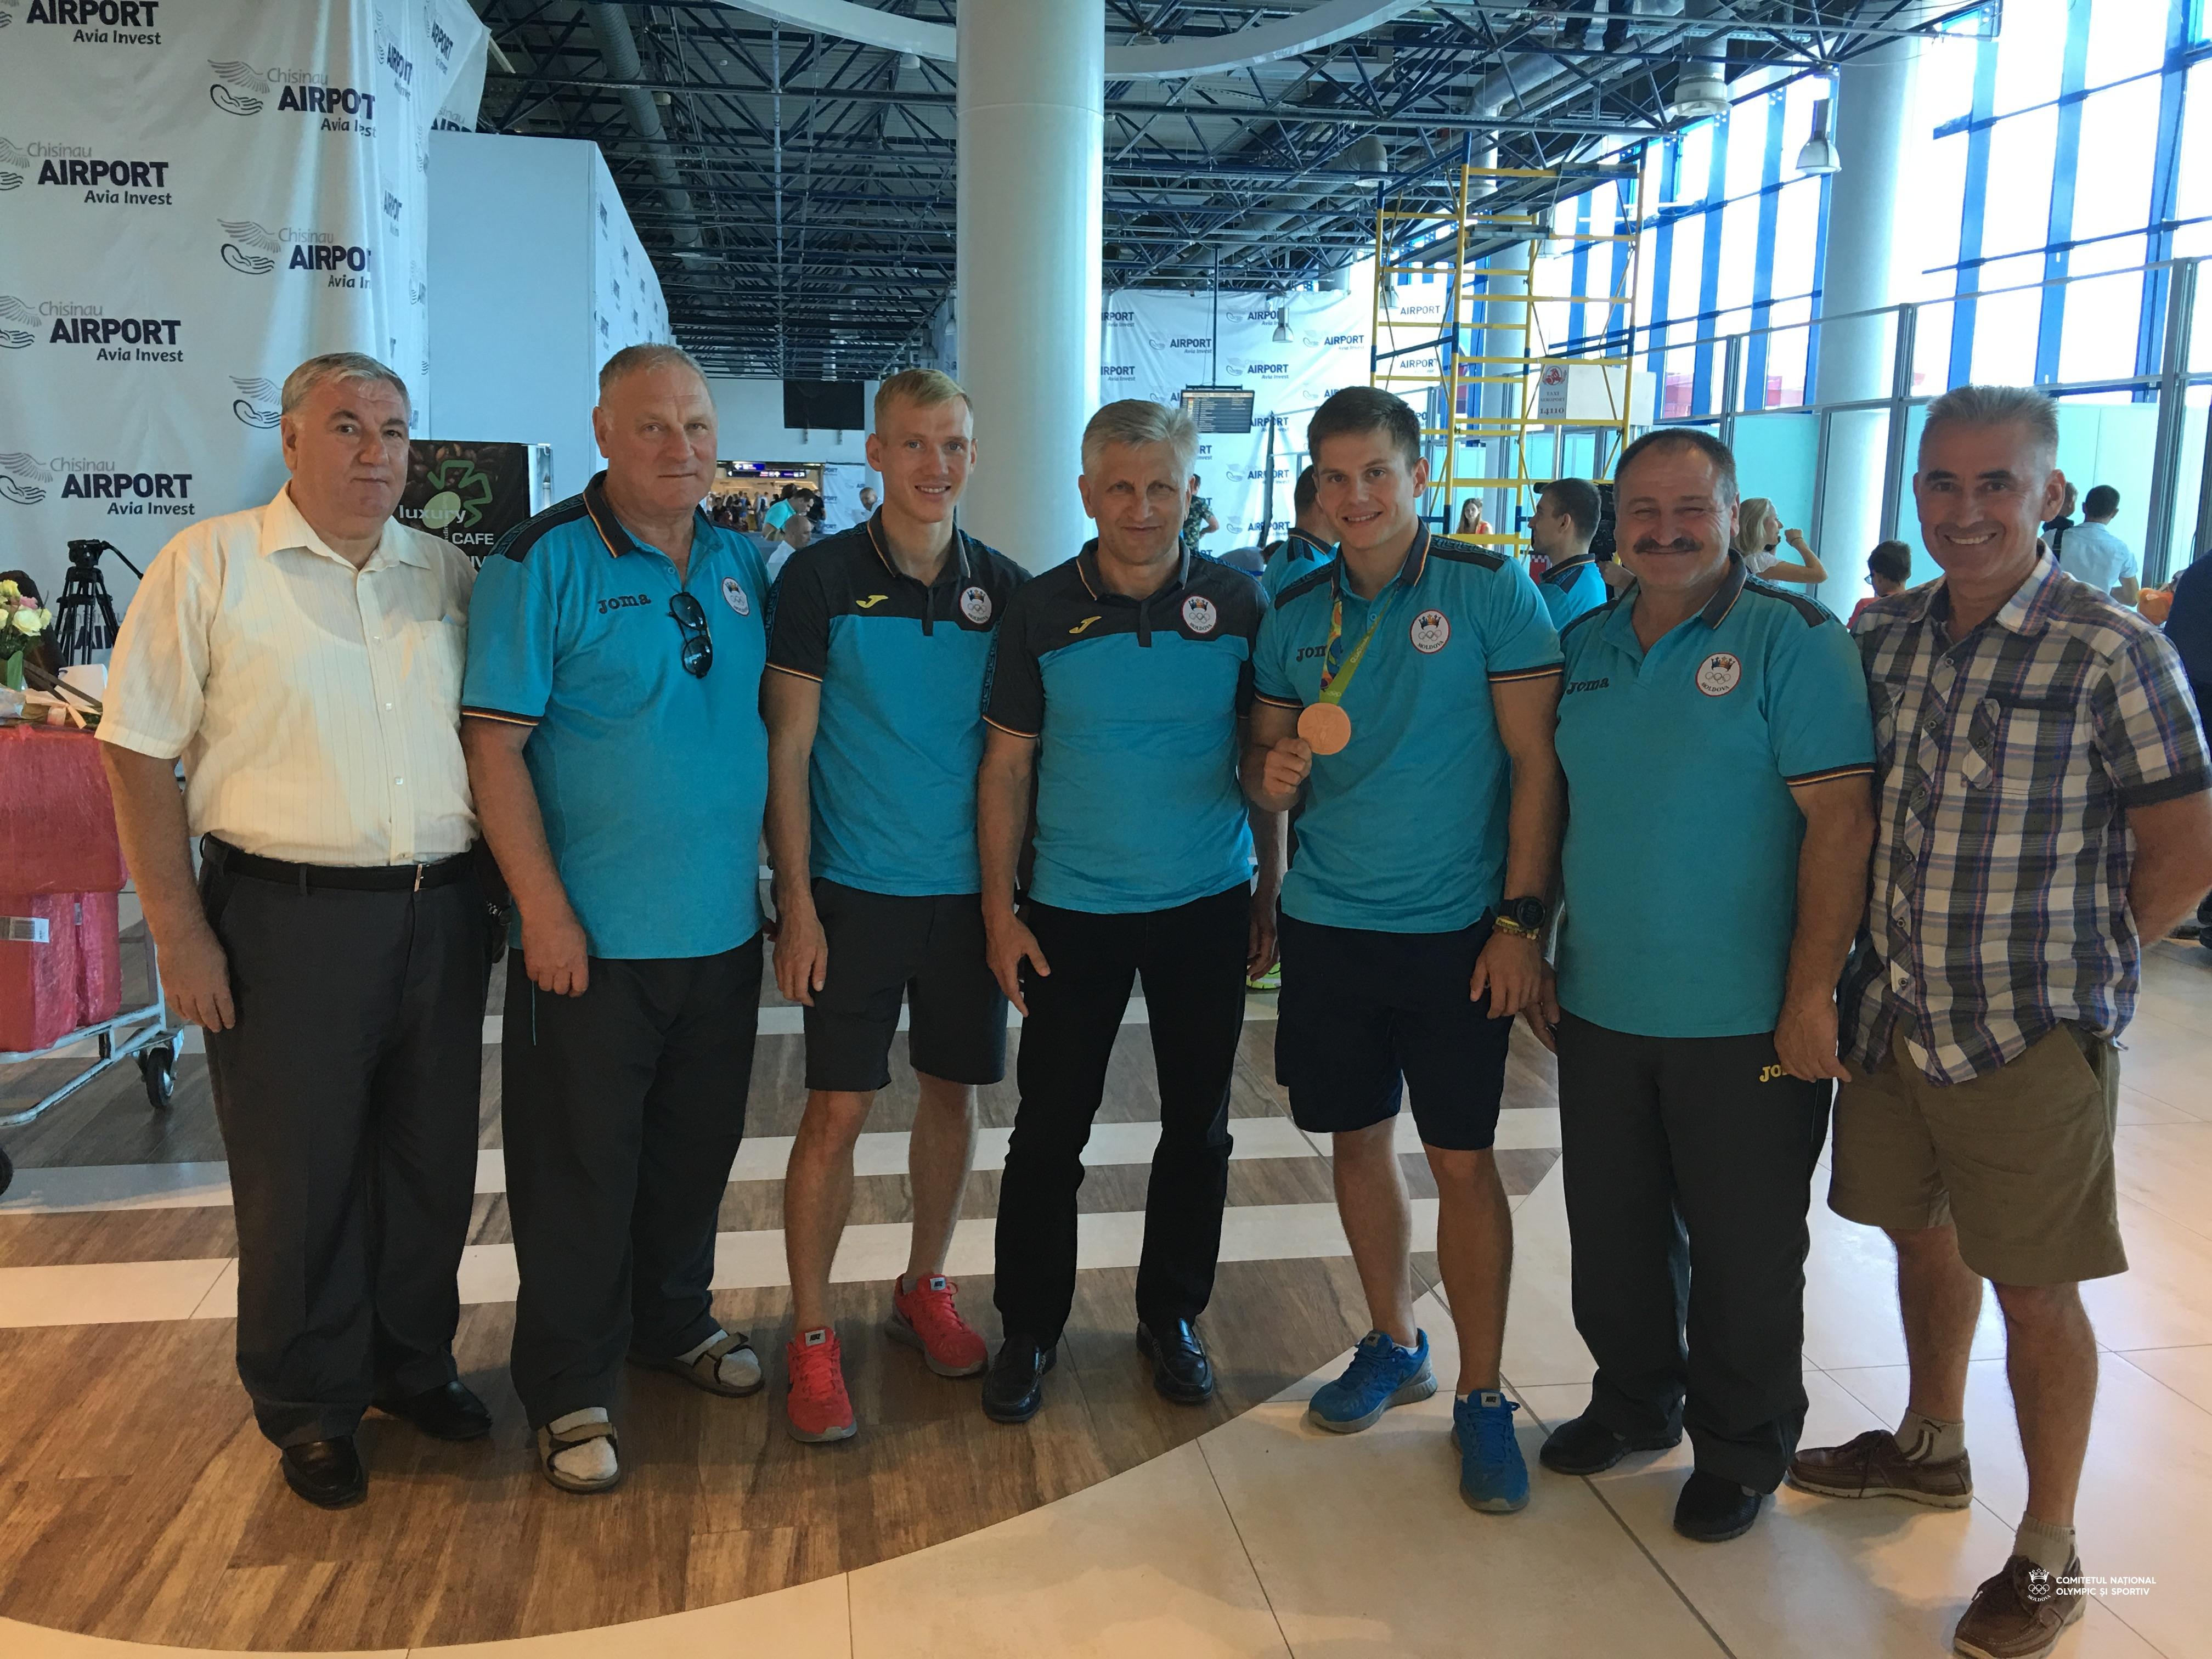 Membrii delegației olimpice intîmpinați la aeroportul din Chișinău